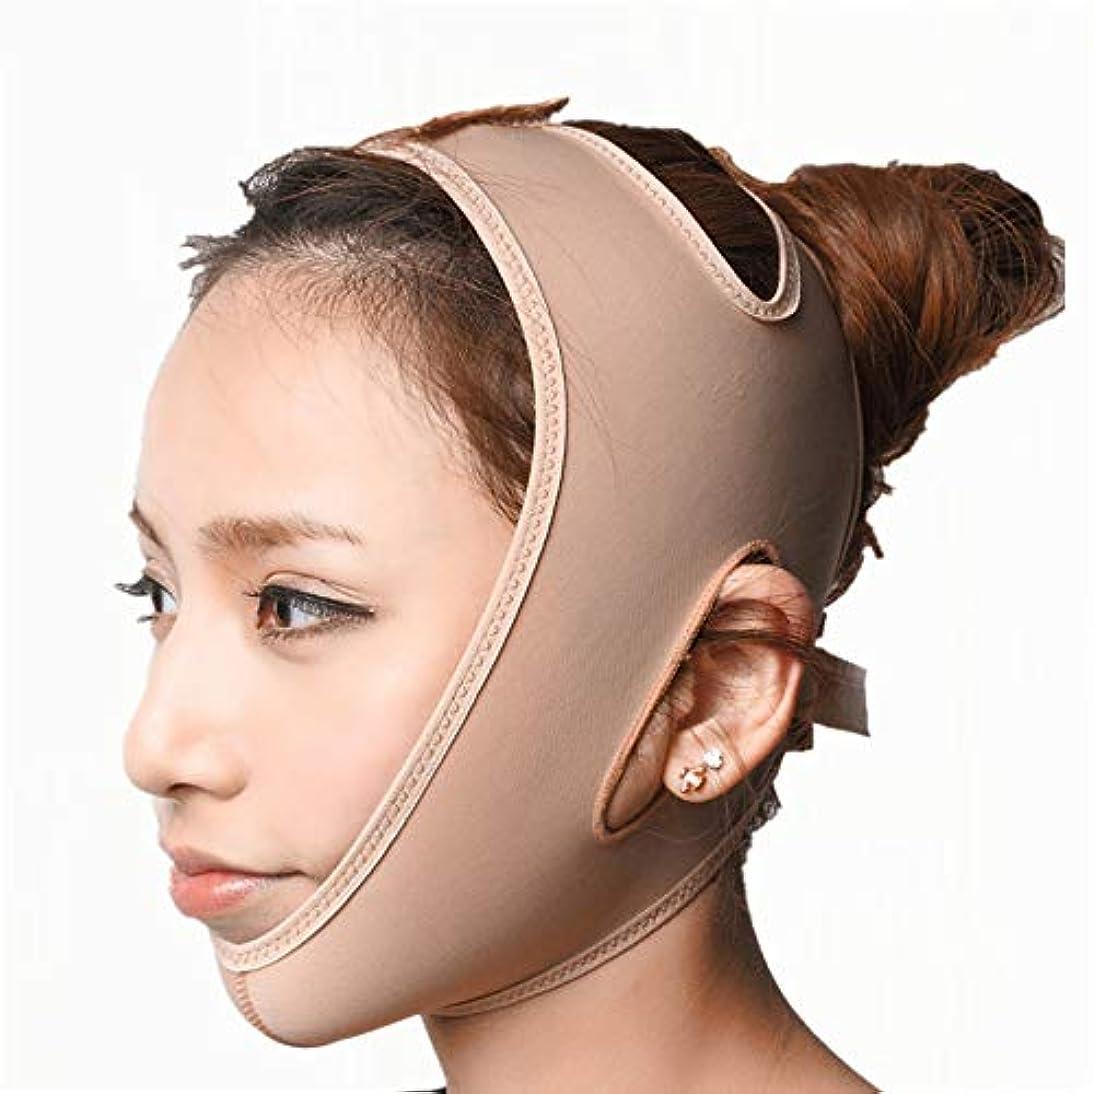 発表プライム復活させるフェイスリフトベルト 薄い顔のベルト - 薄い顔のアーチファクトVの顔の包帯マスクの顔のマッサージャー薄いダブルの顎のデバイス